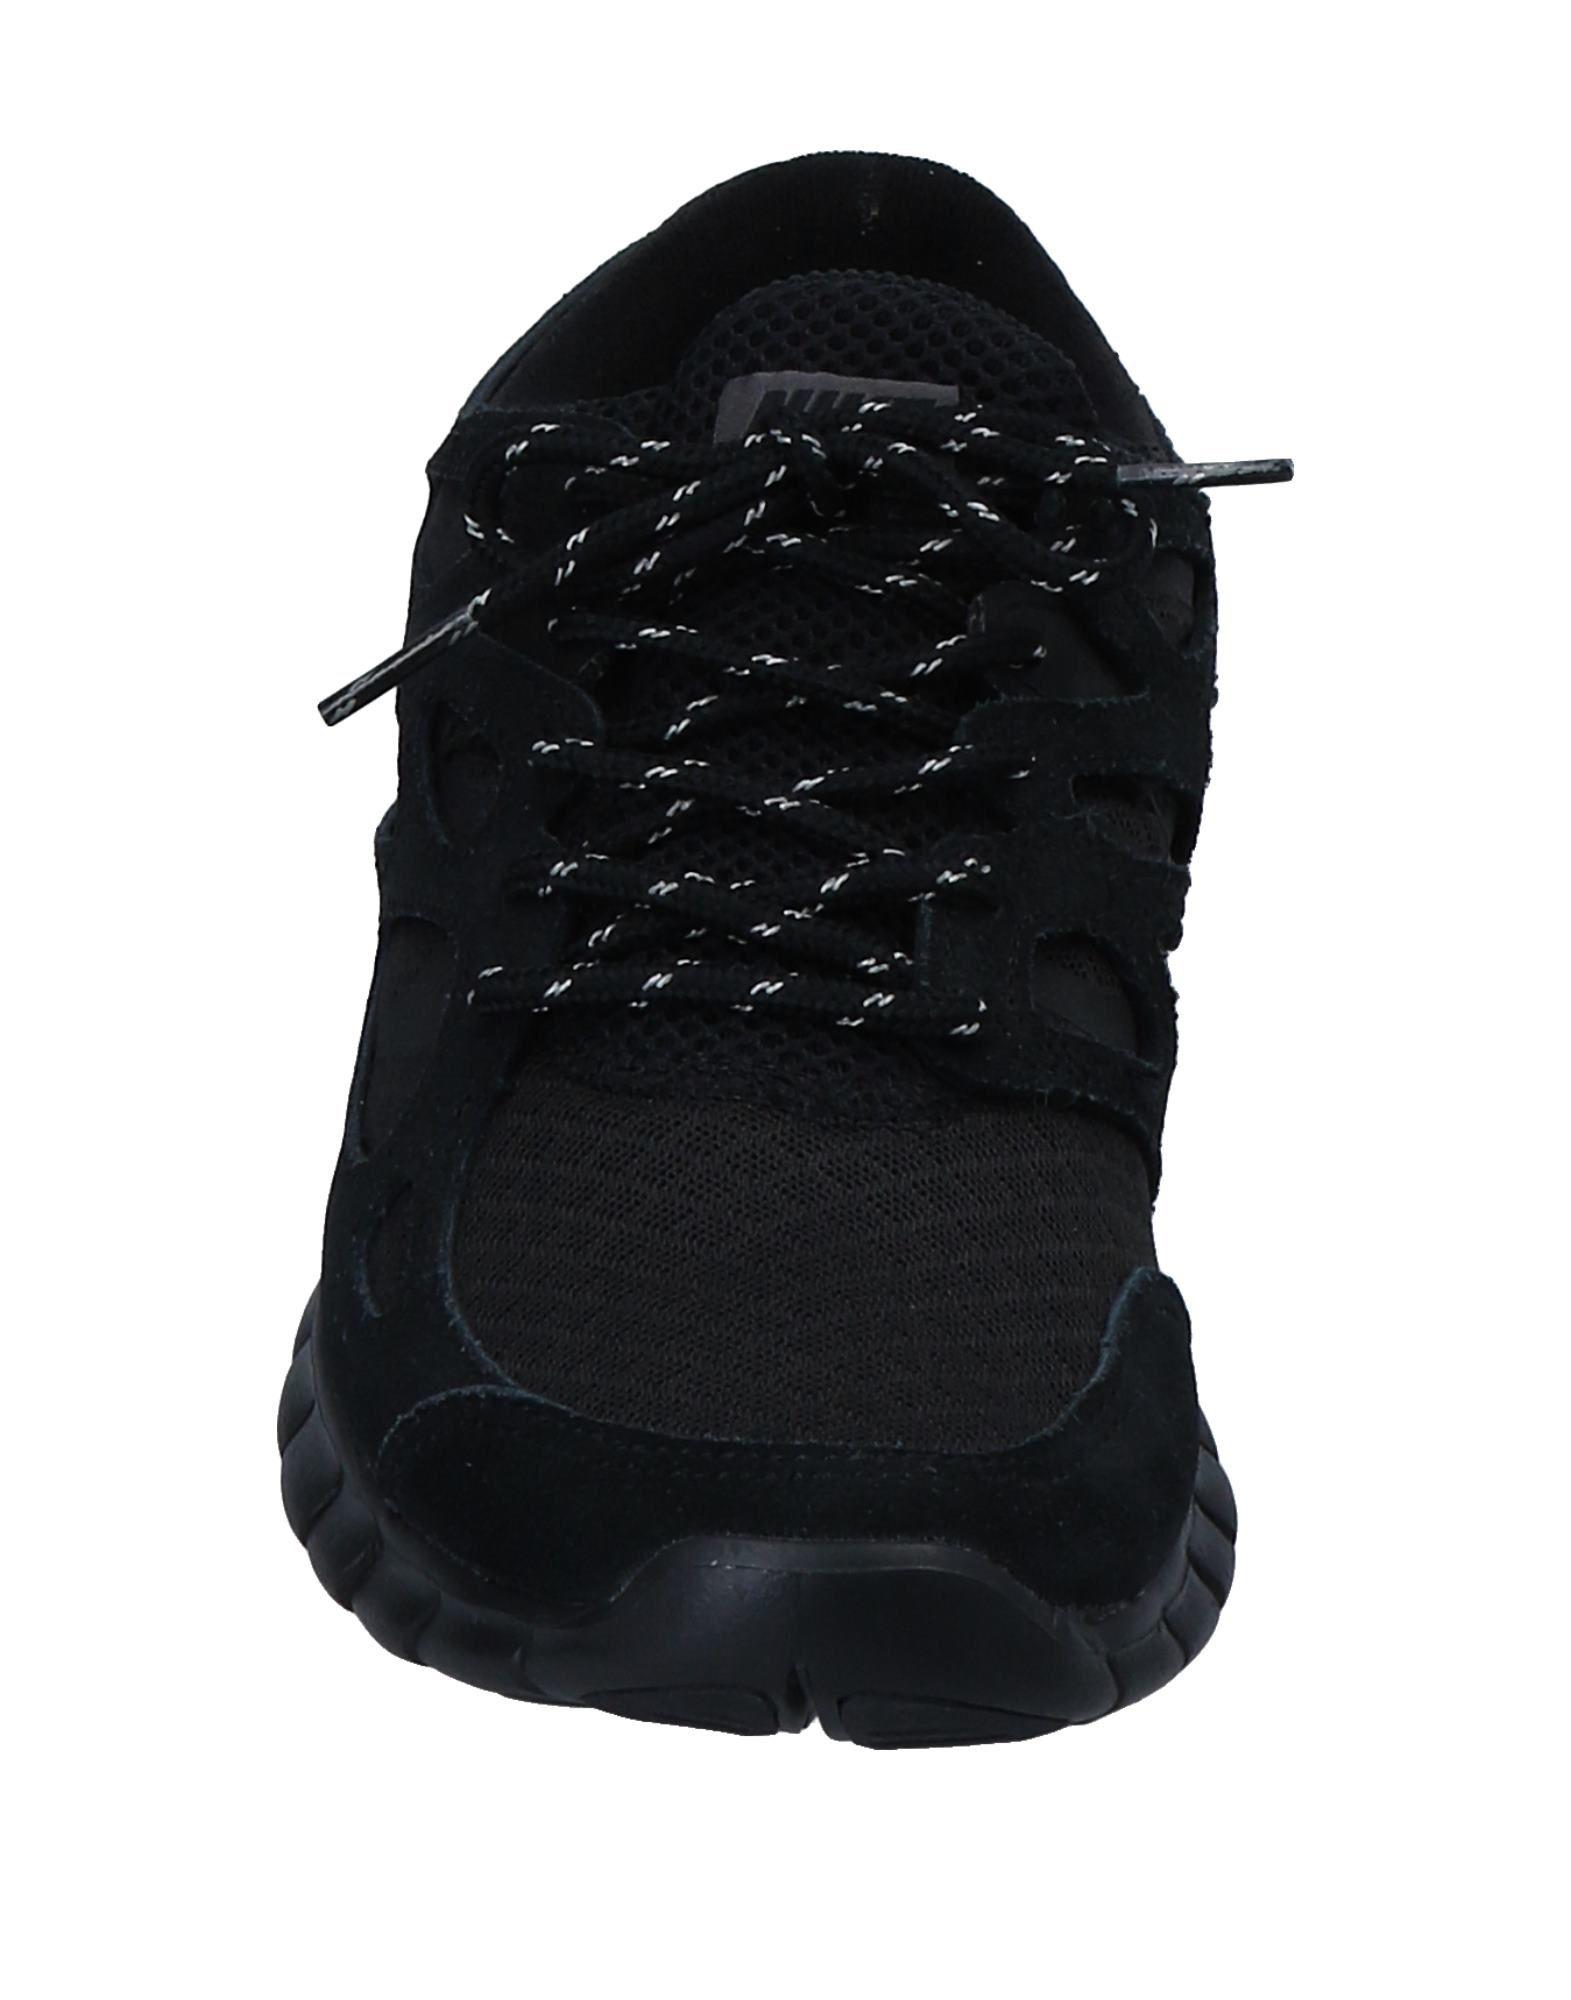 Rabatt echte Schuhe Nike Sneakers 11552590GR Herren  11552590GR Sneakers dbce8e